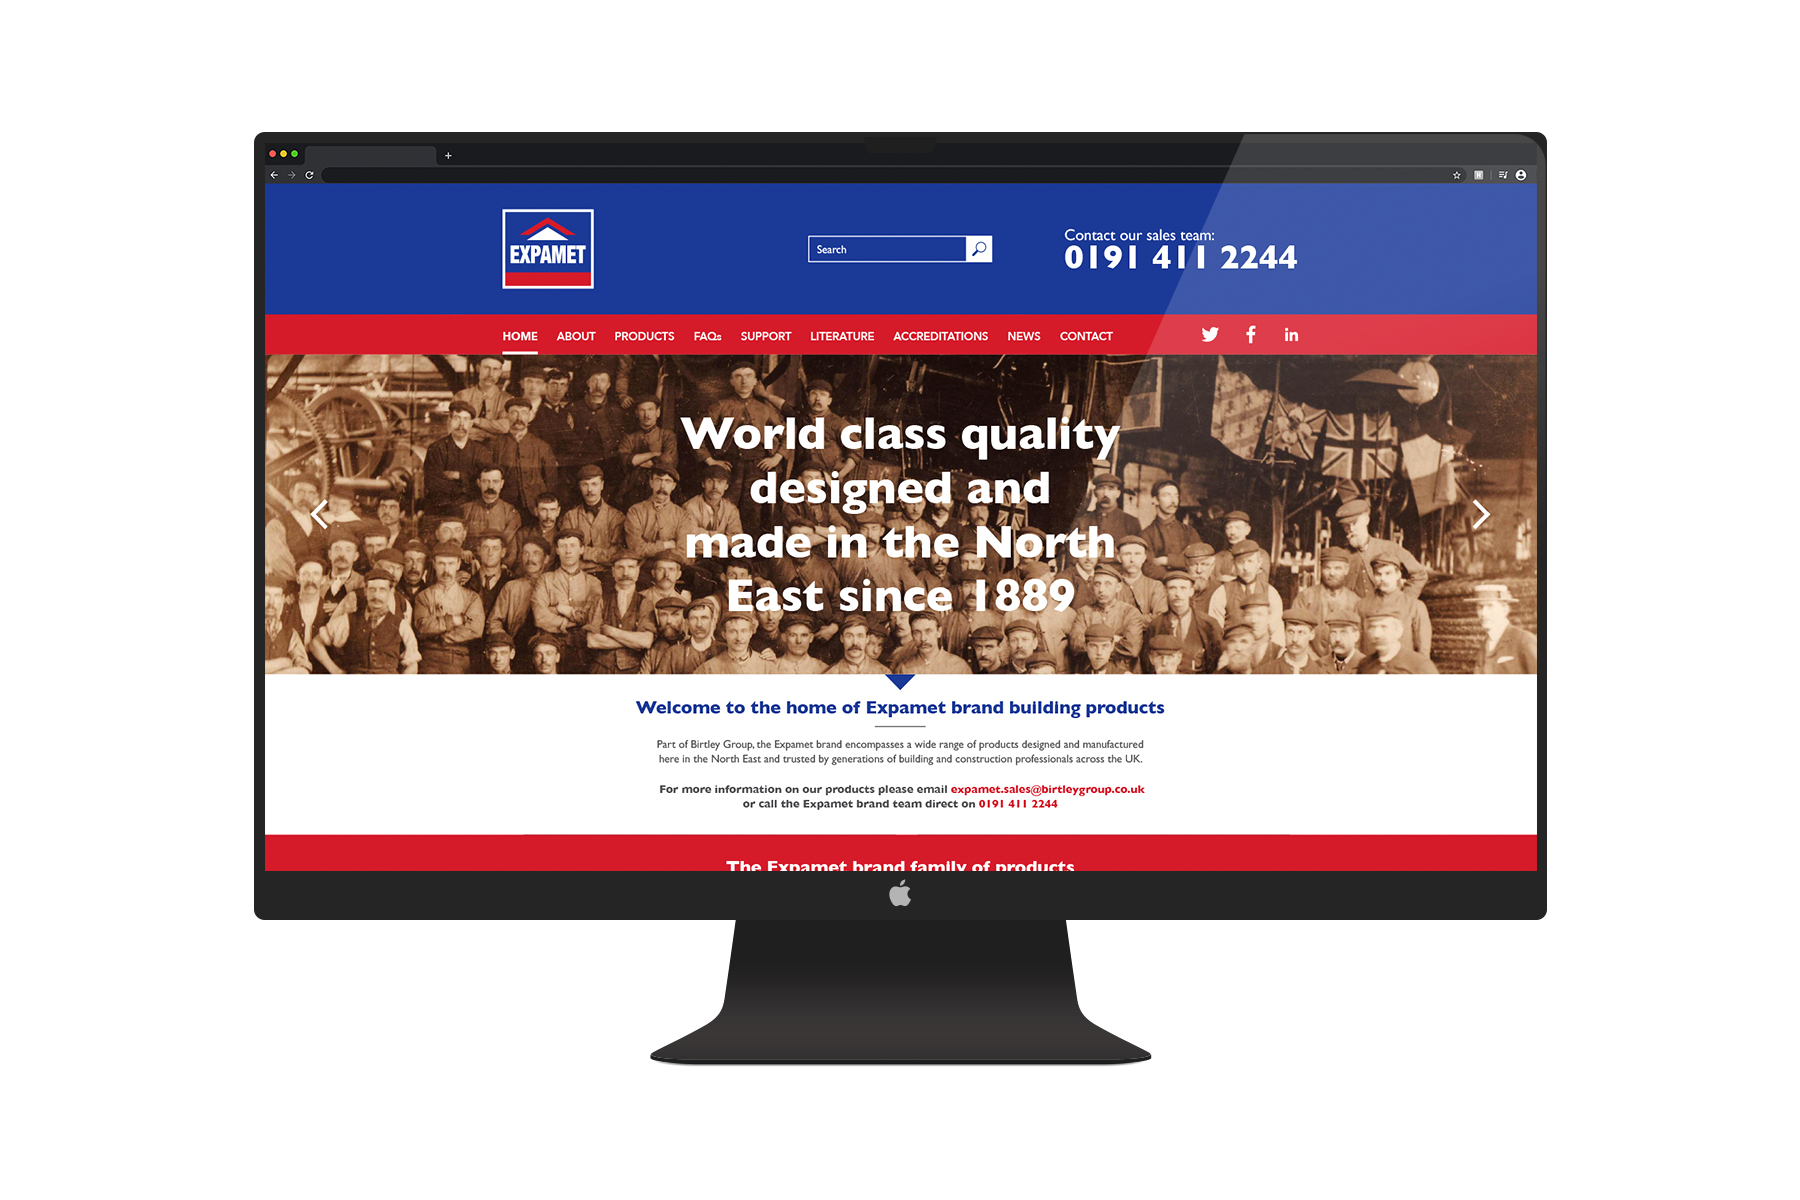 Expamet web design home page